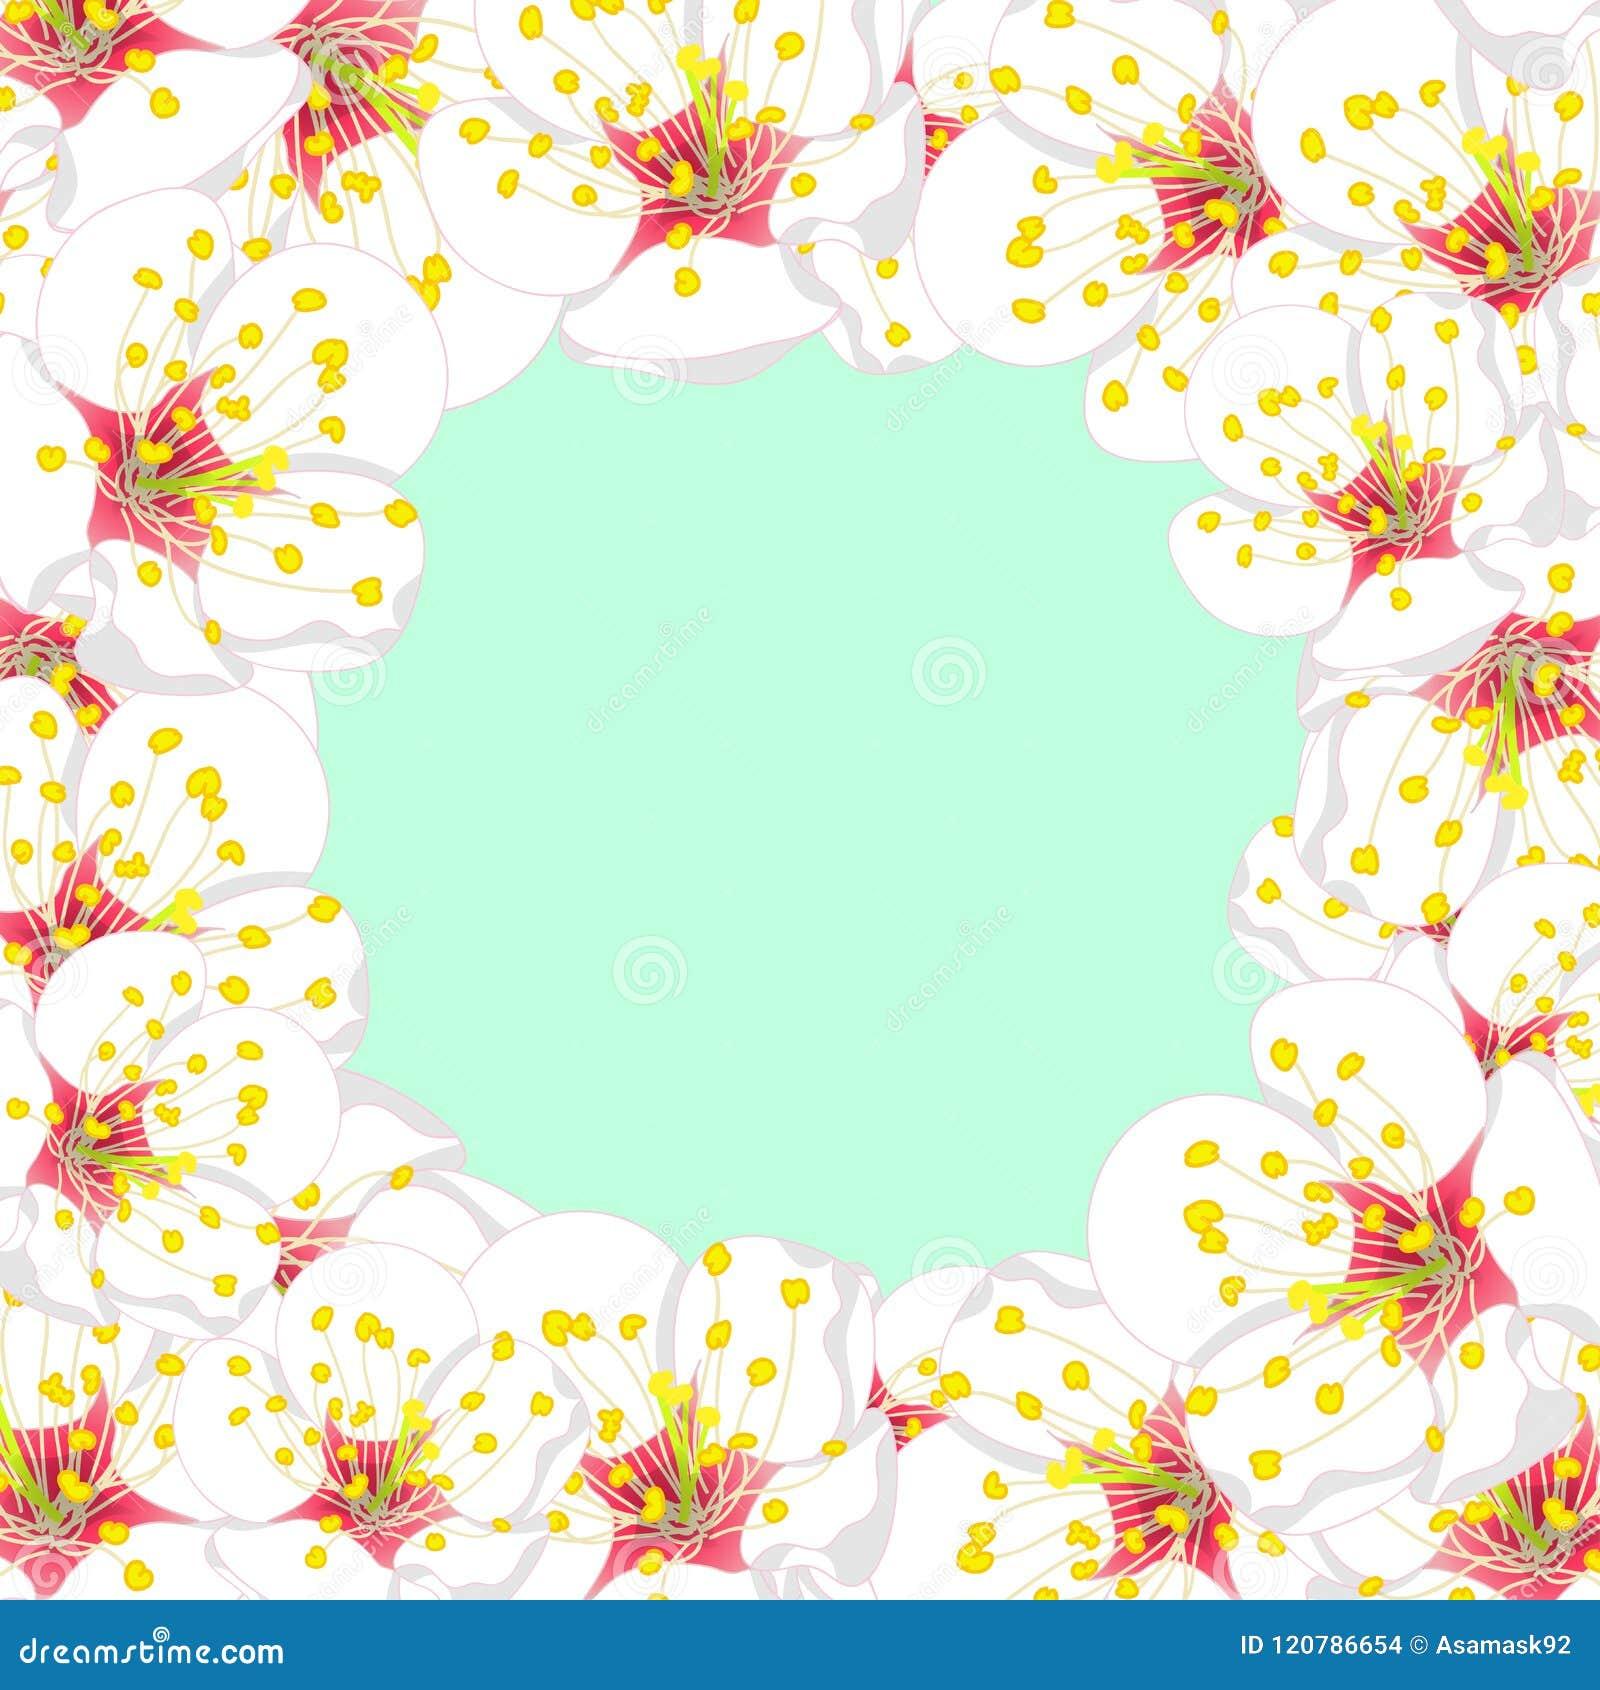 White Plum Blossom Flower Border isolated on Green Mint Background. Vector Illustration